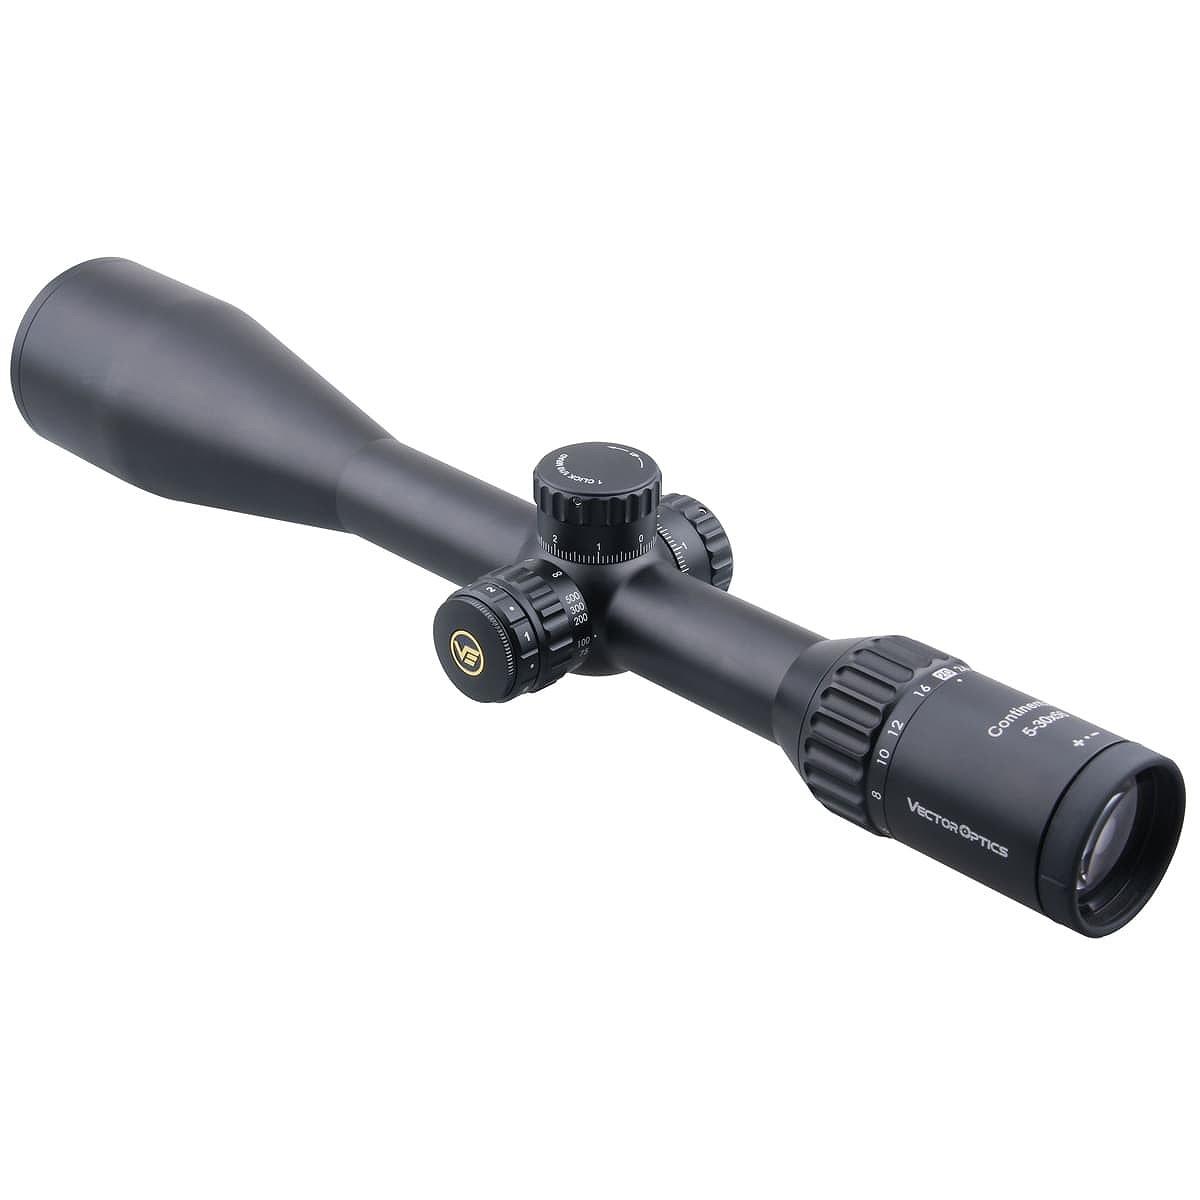 【お届け予定日: 3月30日】ベクターオプティクス ライフルスコープ Continental 5-30x56 Tactical  Vector Optics SCOL-22T